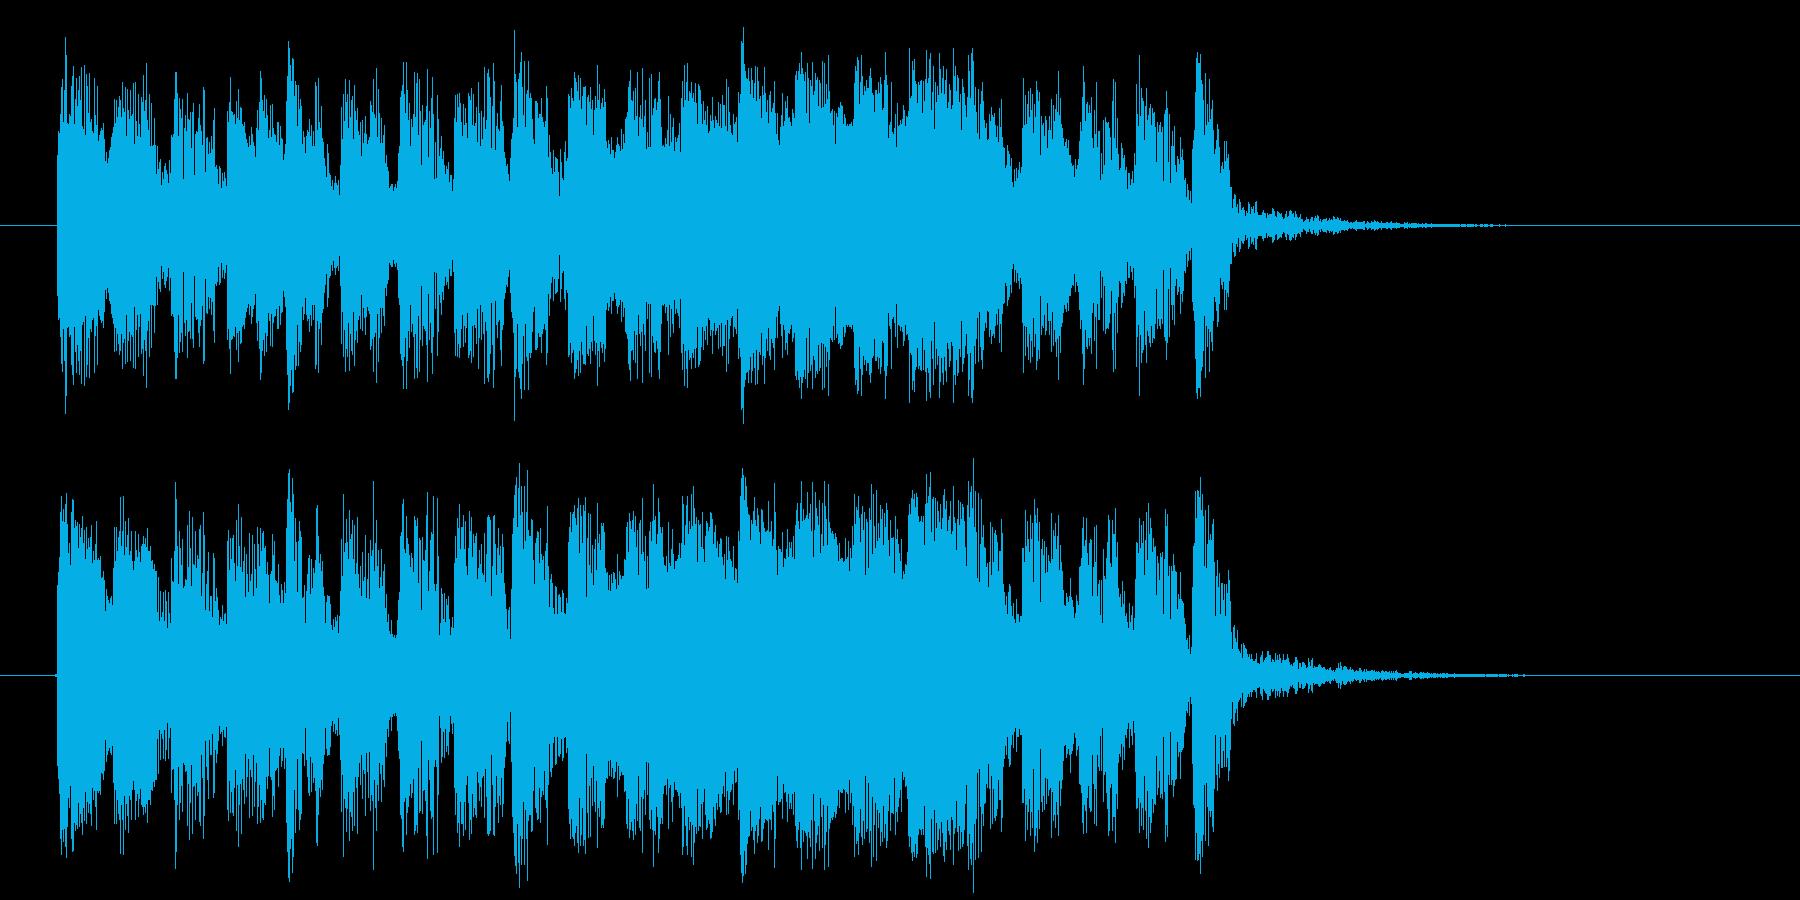 勢いと迫力のエレキとトランペットジングルの再生済みの波形